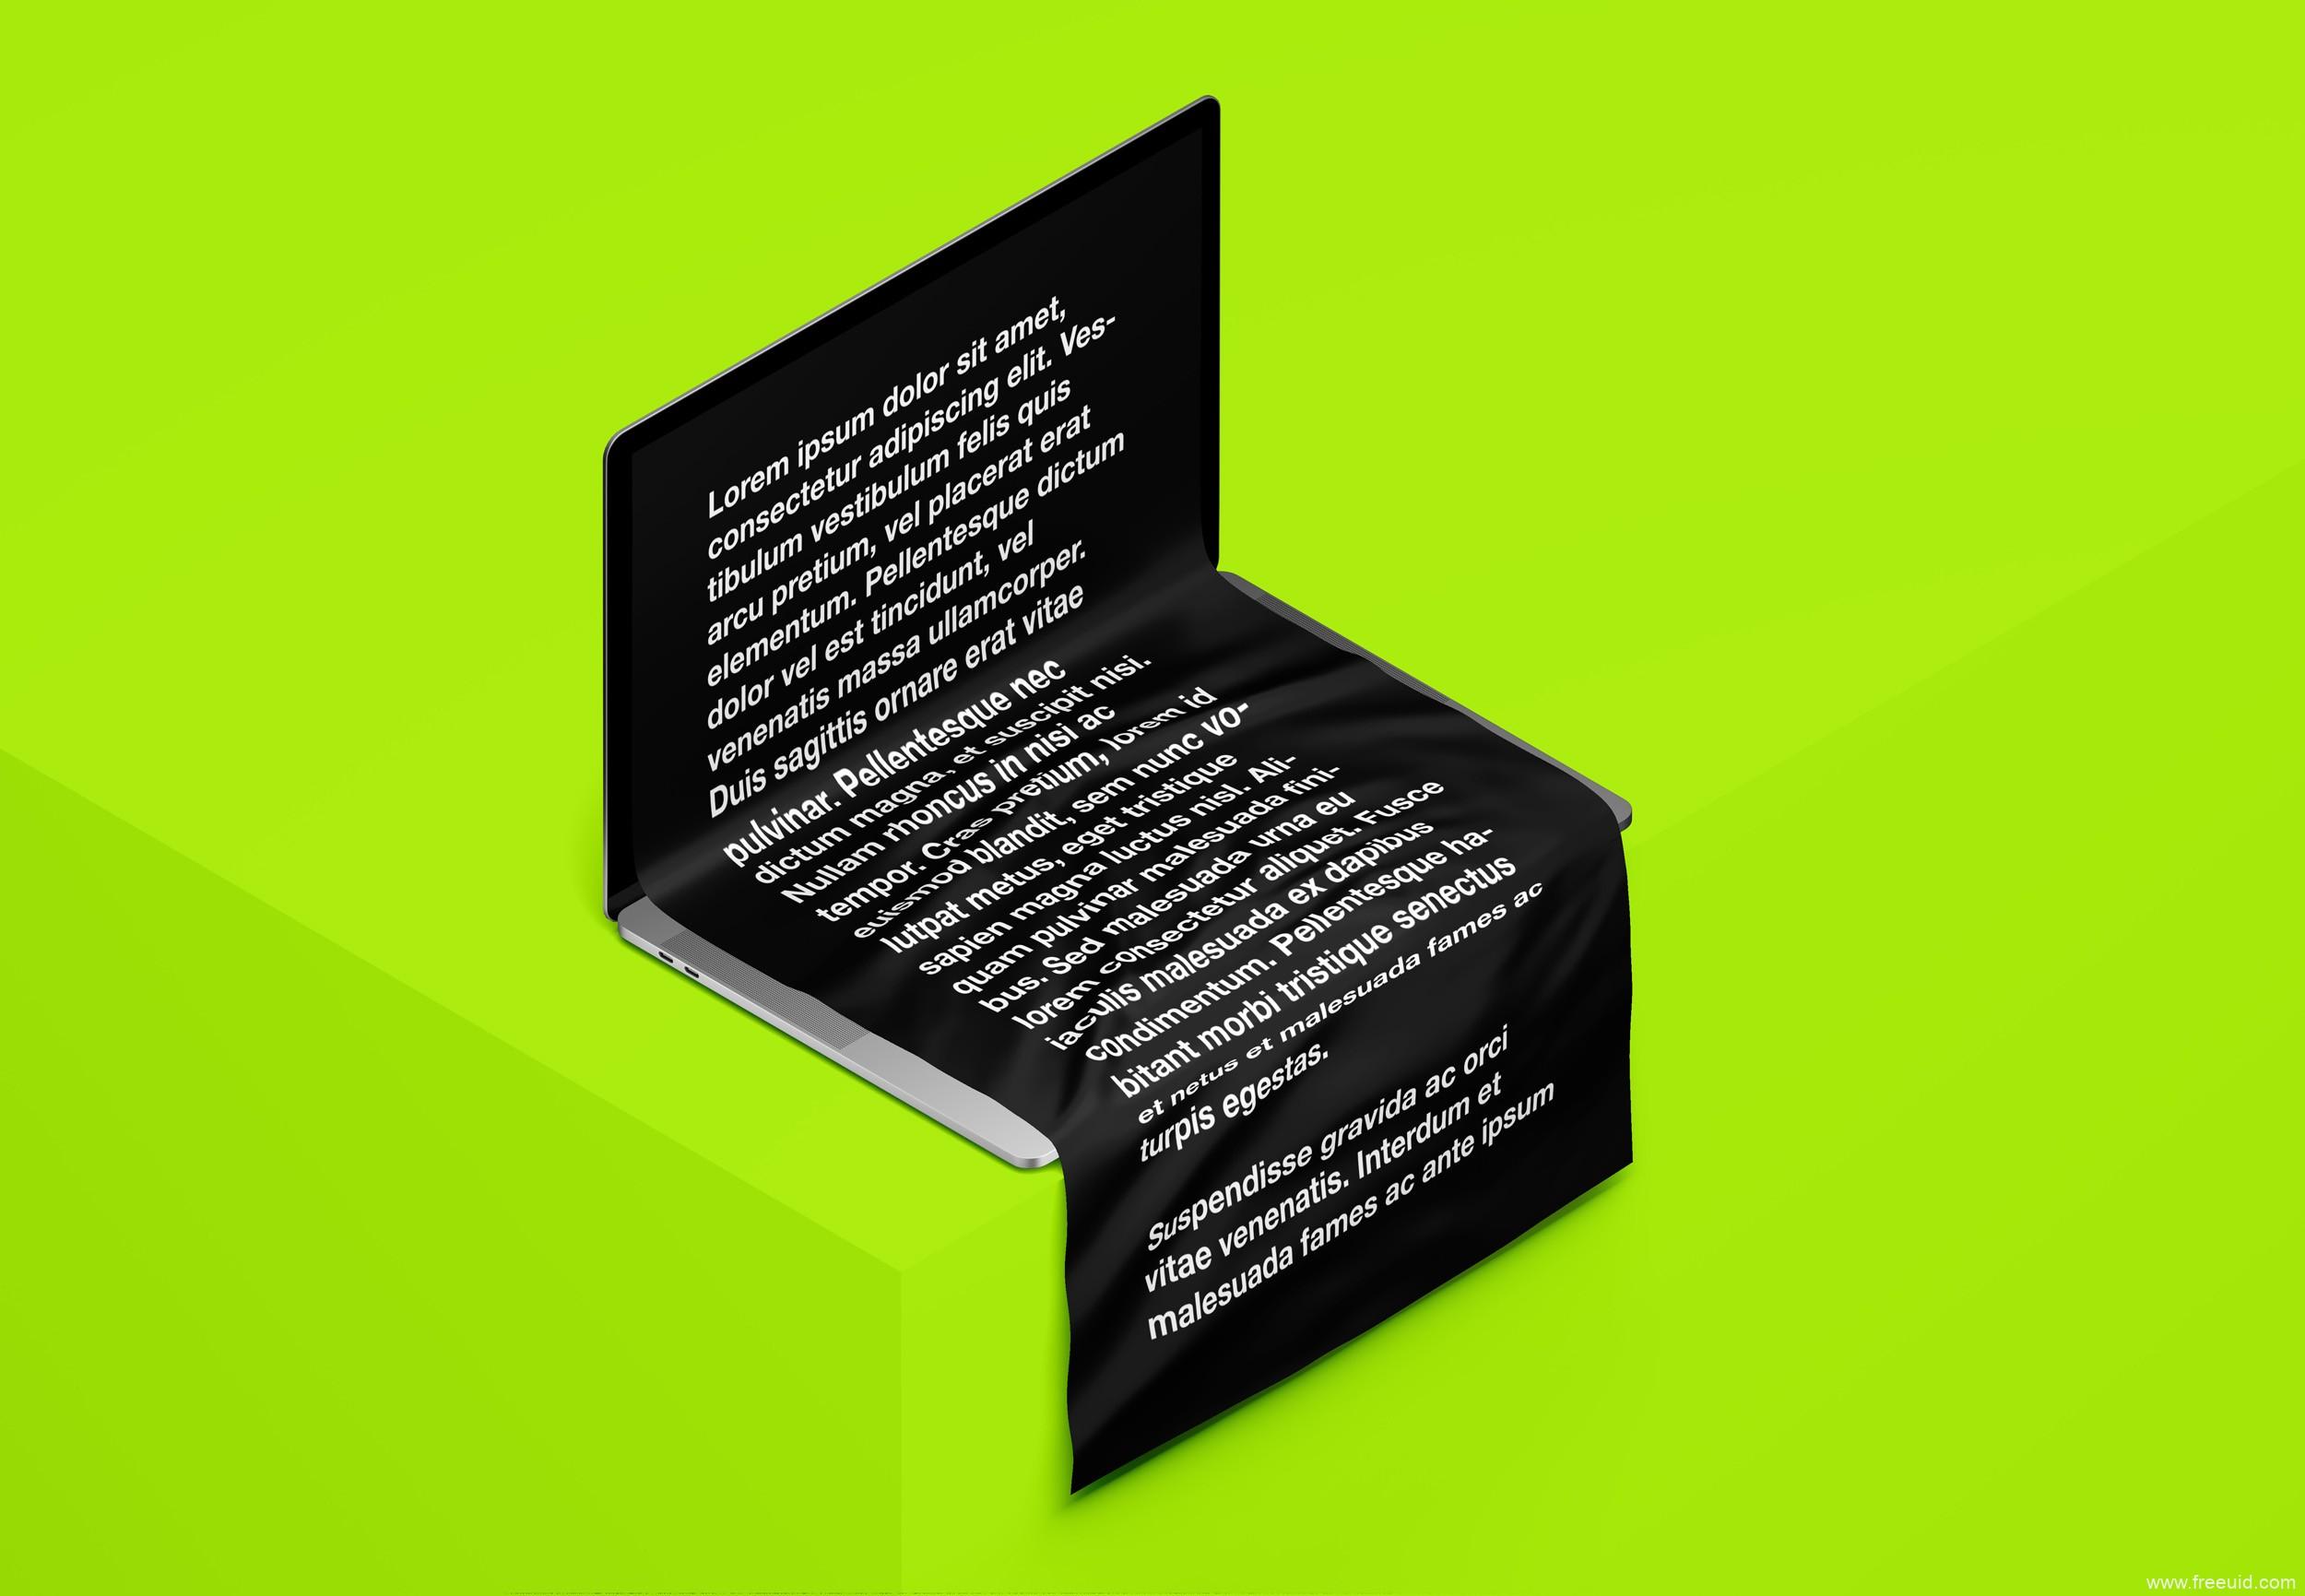 精品!MacBook pro样机模板PSD源文件,网页包装模版psd源文件